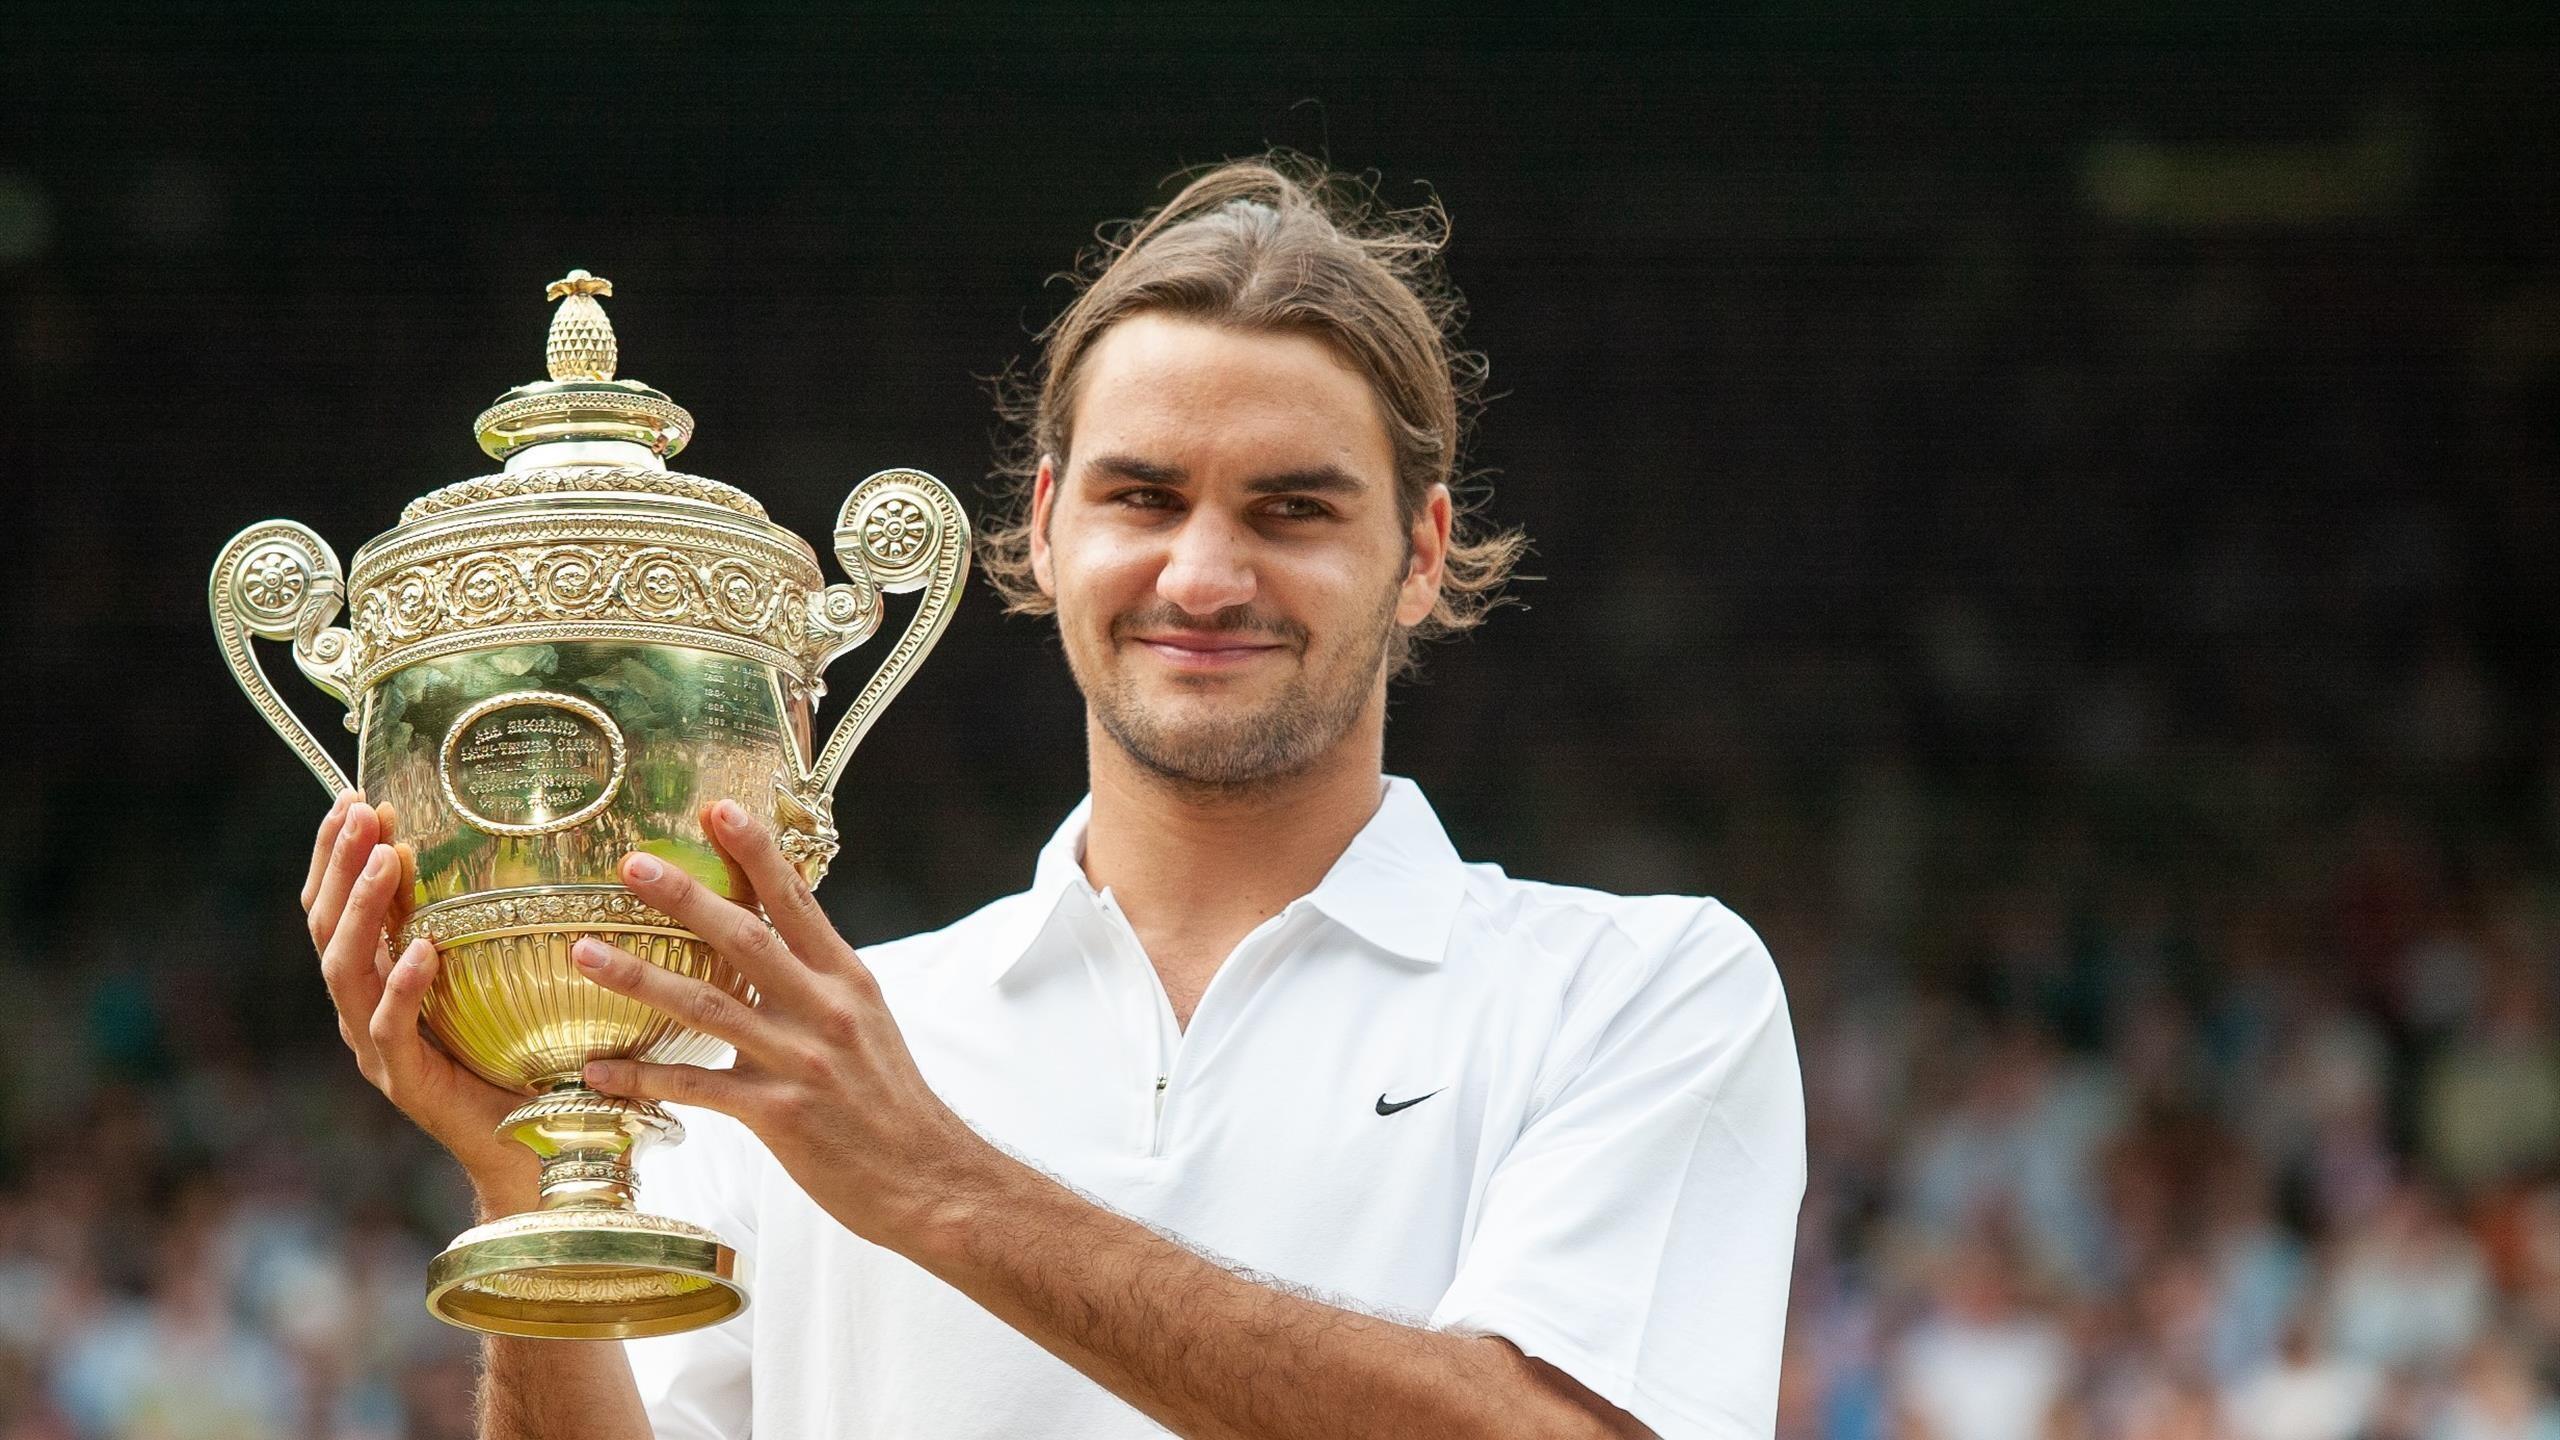 Від Nike до Uniqlo: як тенісист Роджер Федерер заробив $1 млрд на співпрацю з брендами - news, people, career, story